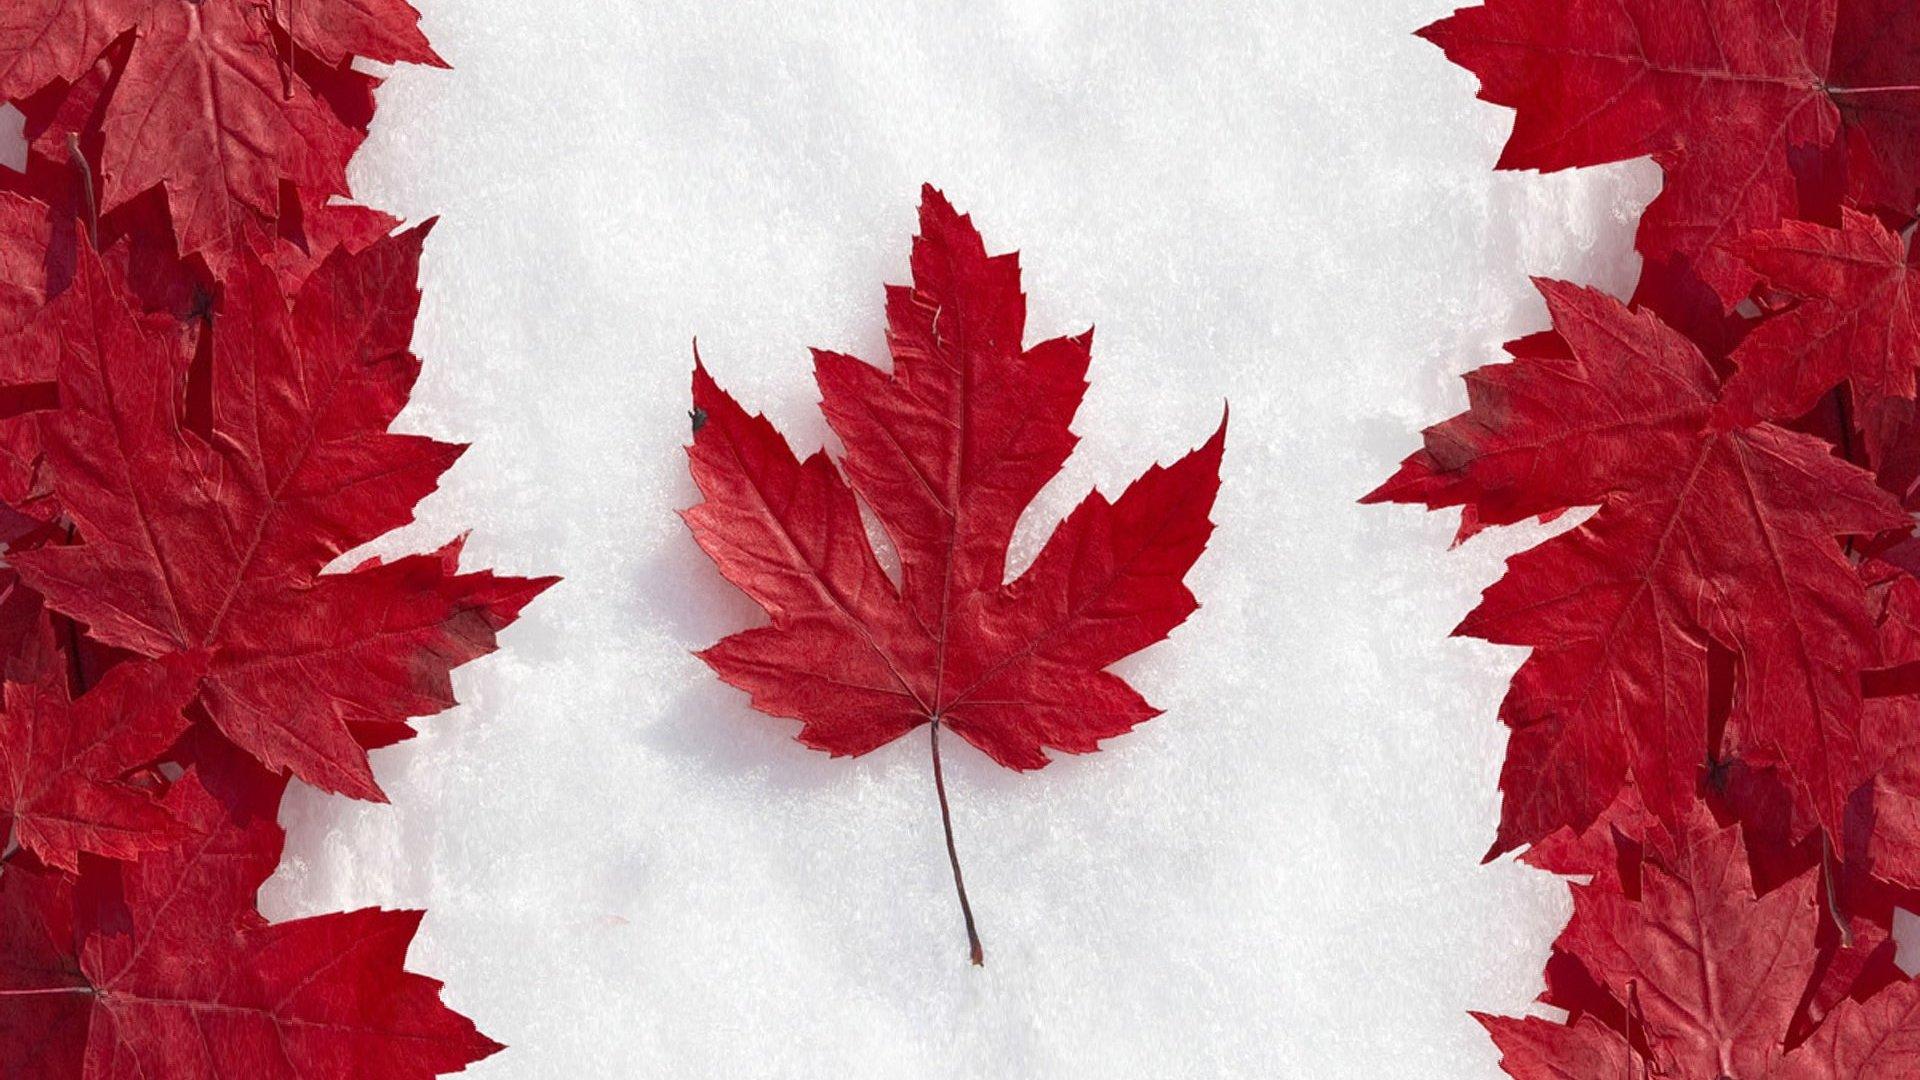 Hình nền lá cây hình lá cờ